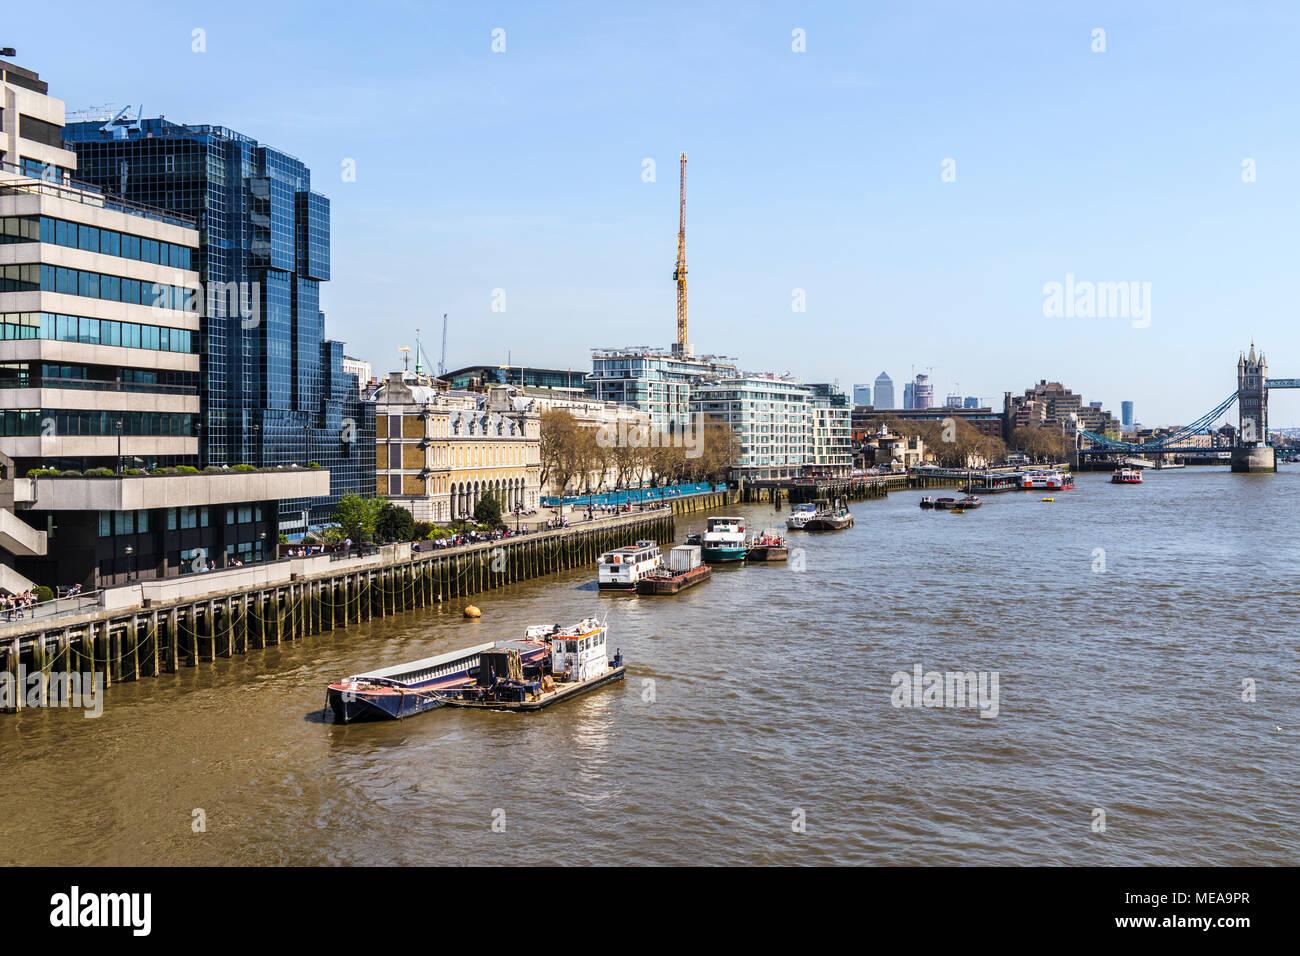 Port de Londres navire Autorité Driftwood III utilisés pour la collecte de bois flotté passive (PDC) amarré dans le bassin de la rivière Thames London, UK Photo Stock